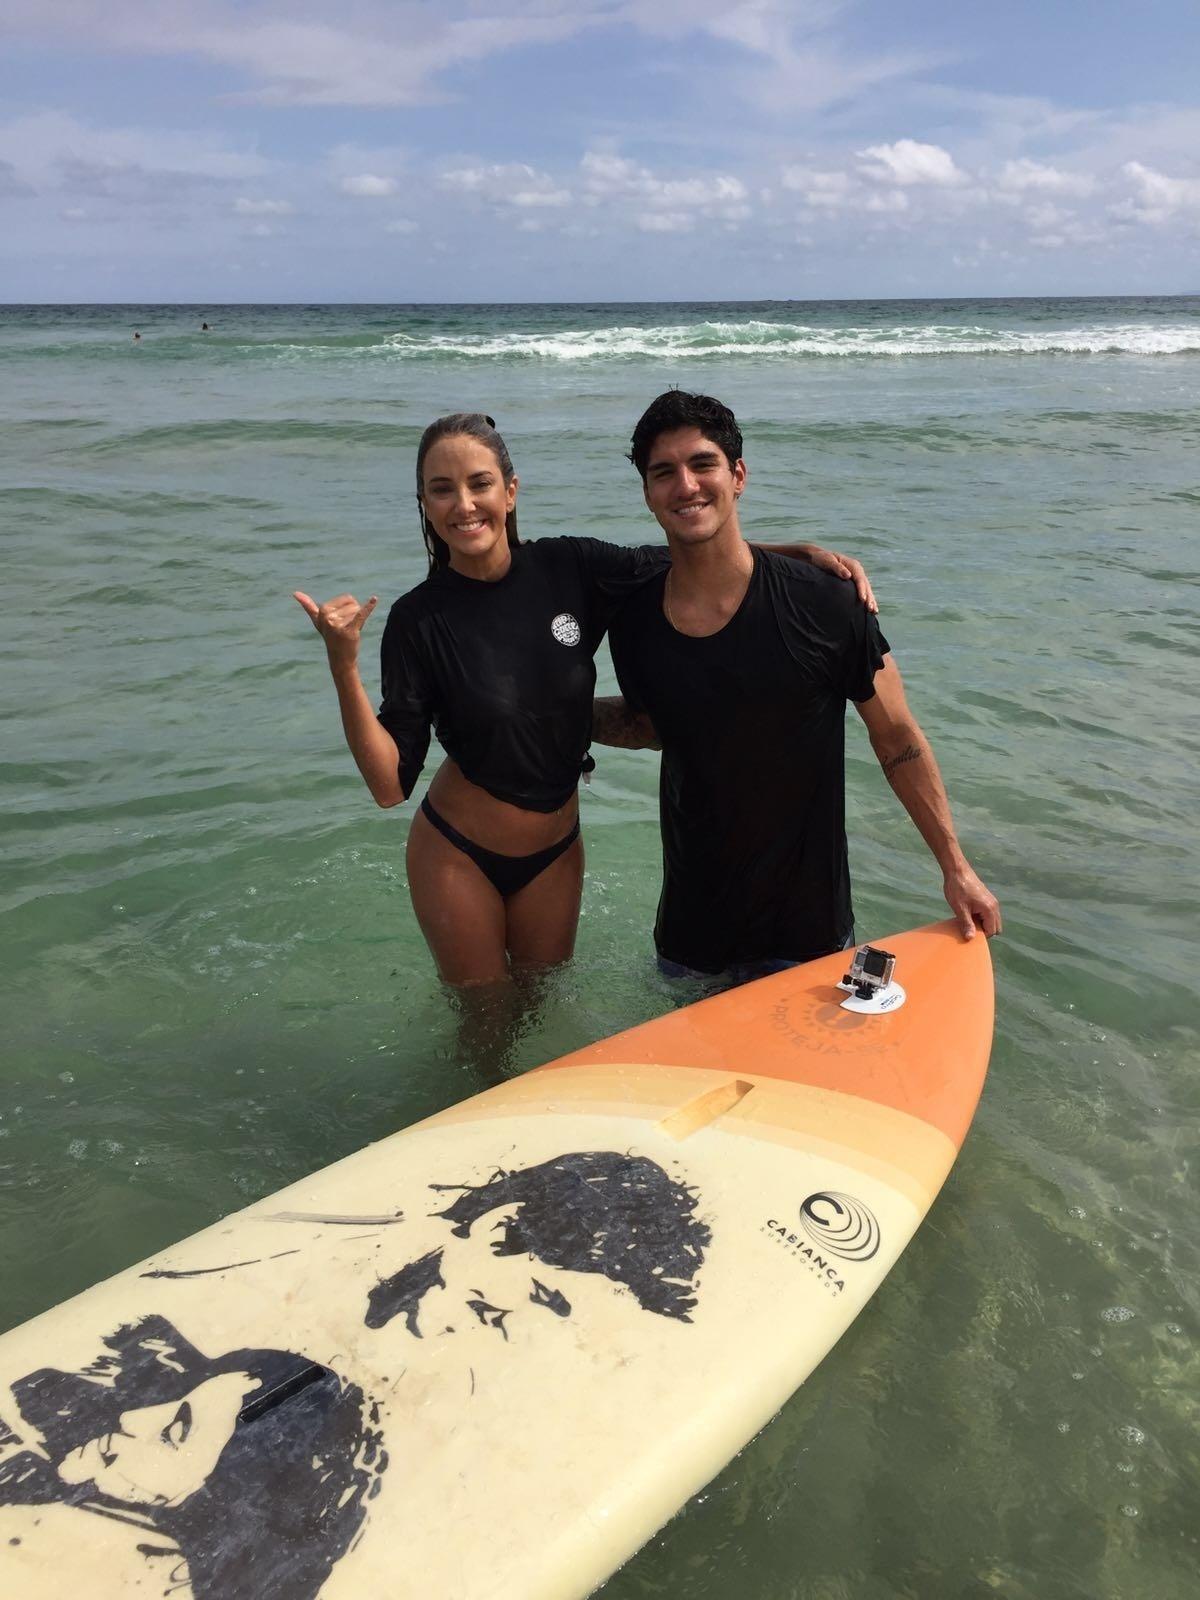 Ticiane Pinheiro grava uma entrevista com o campeão mundial de surfe Gabriel Medina